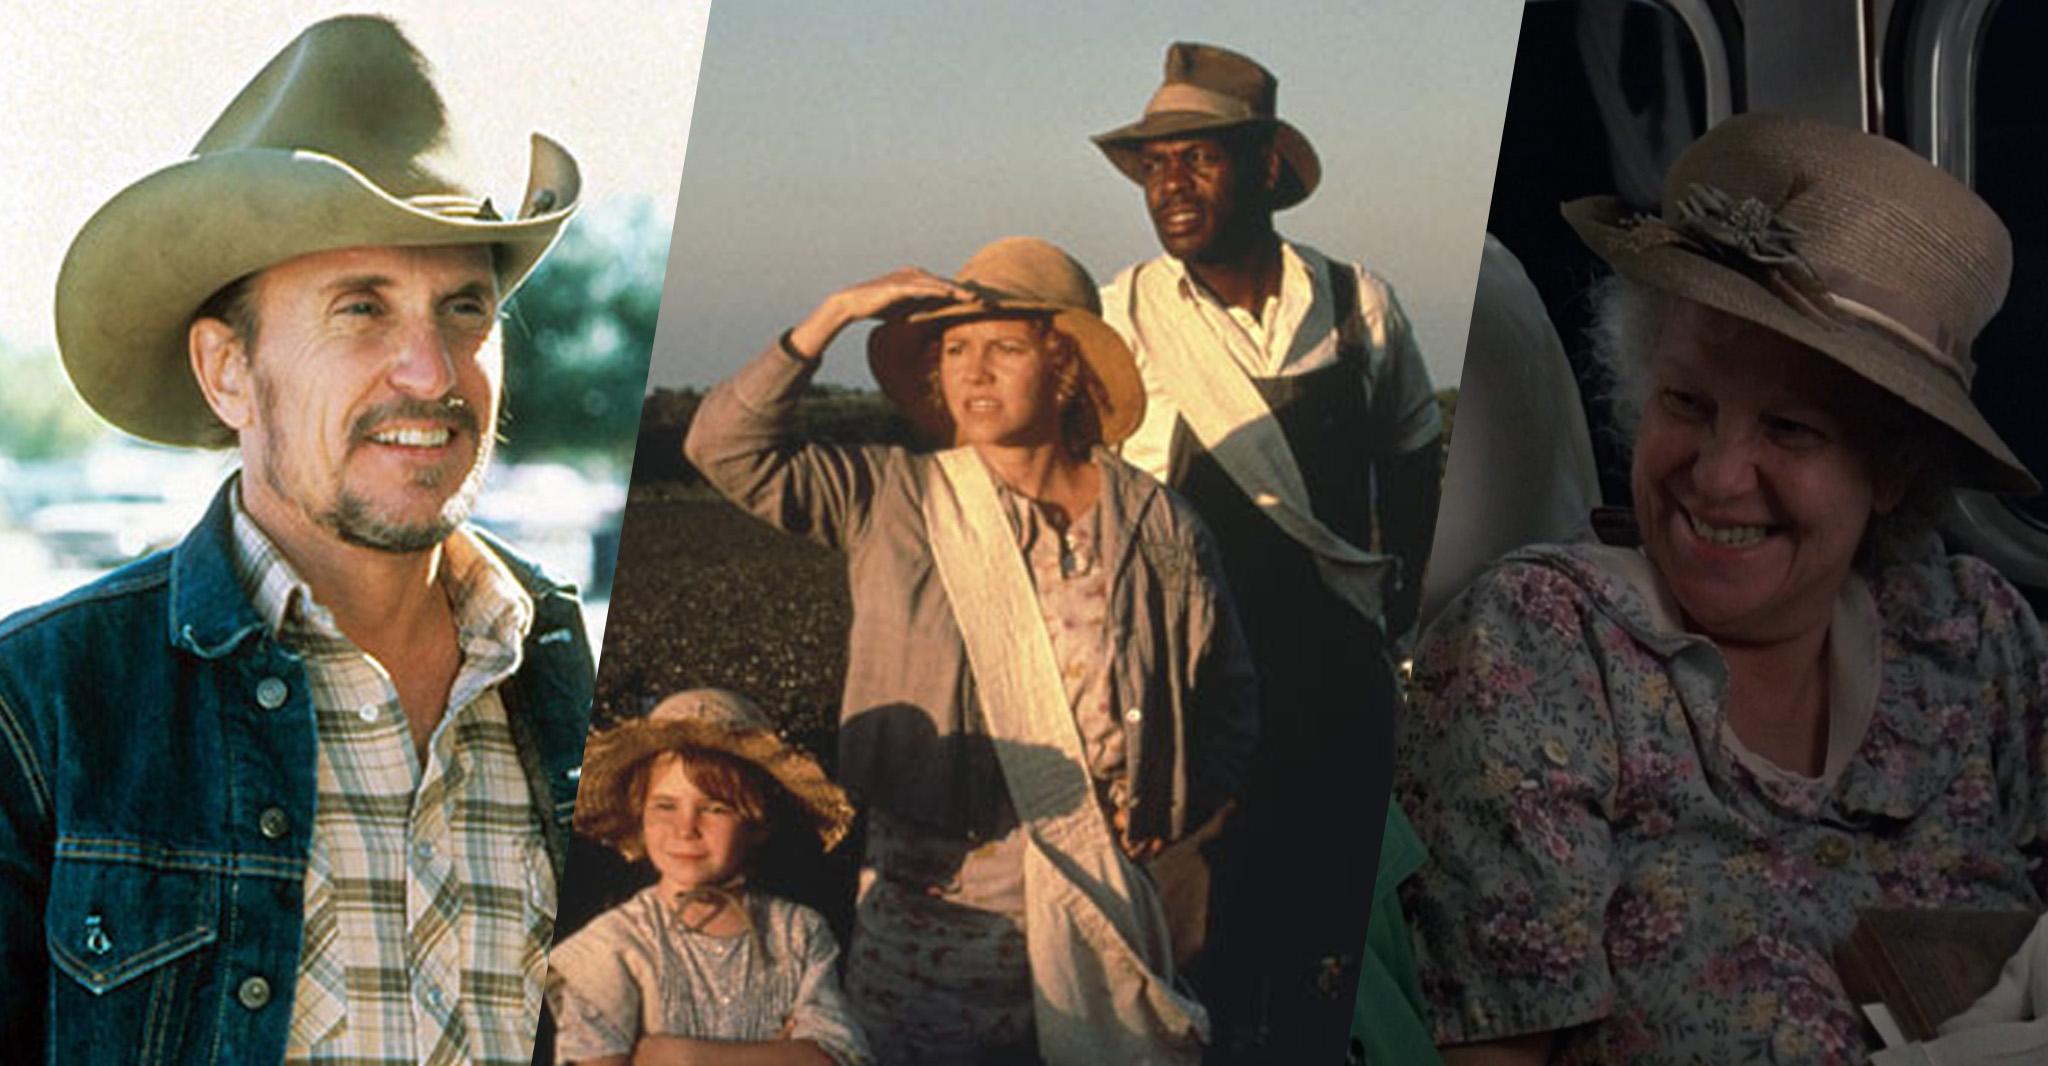 Three Oscar-Winning Films Helped Make Waxahachie 'The Best Little